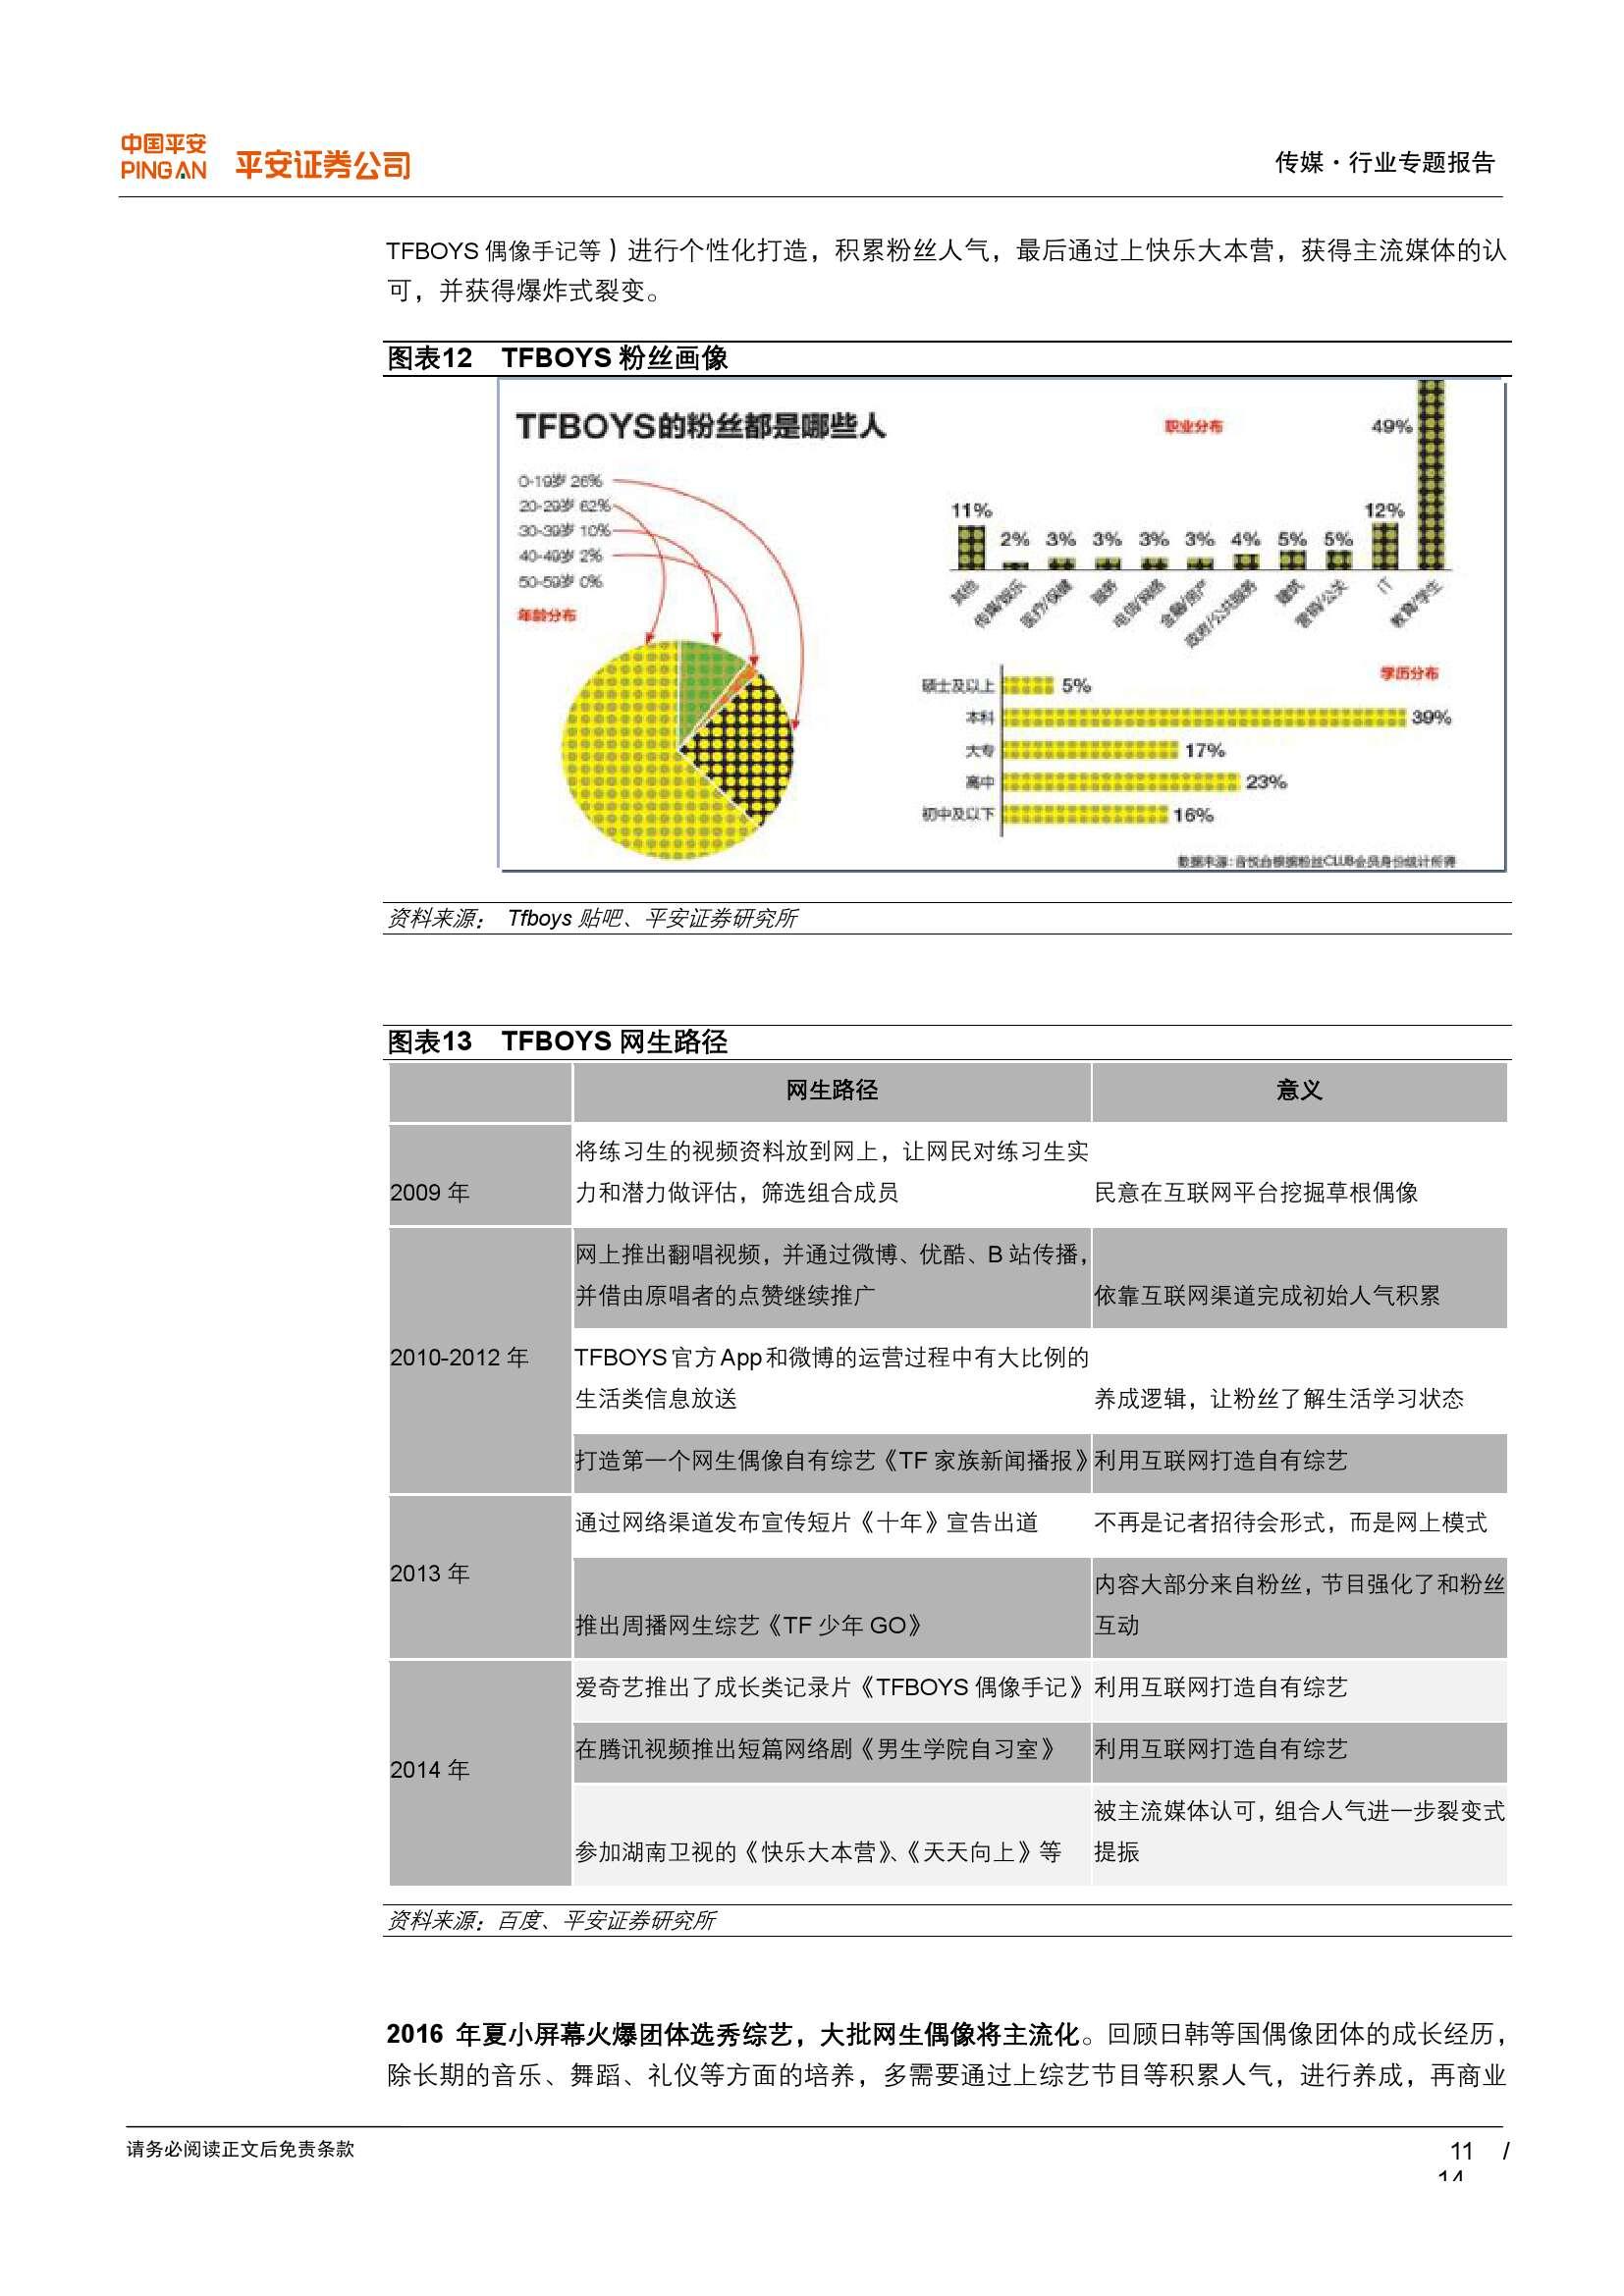 2016年传媒行业10大畅想_000011